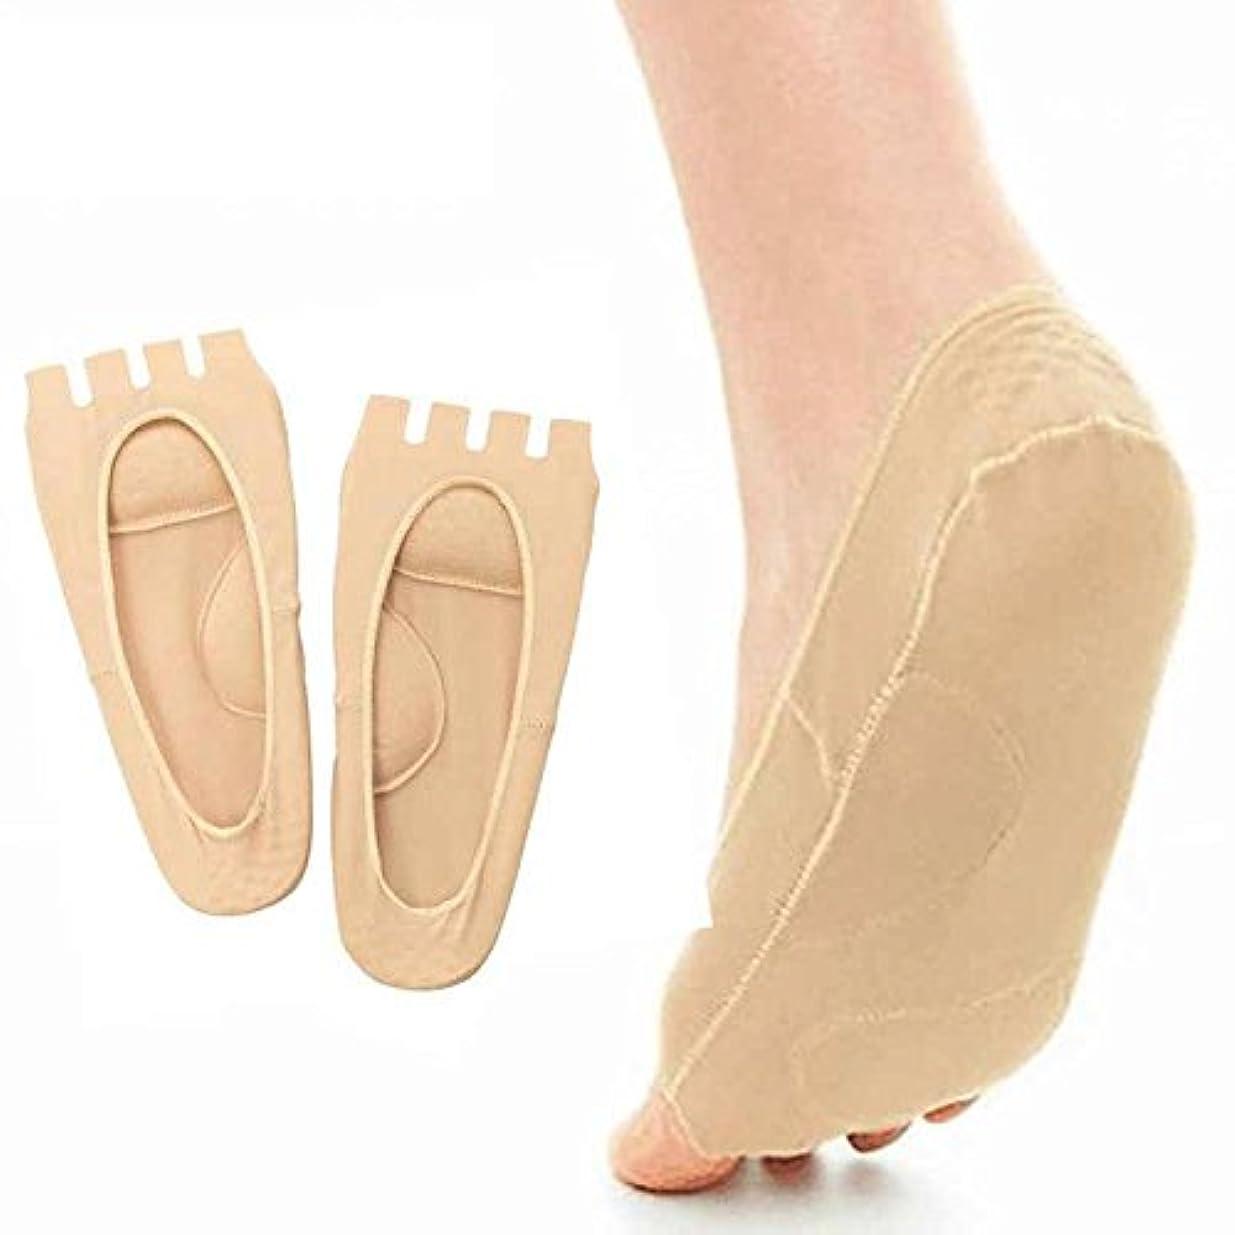 事業感情のシリアルLorny(TM) ペディキュアツールコンシーラー親指の外反母趾の足セパレータフットケアツールのソックスマッサージャーアーチサポートソックスの痛みを軽減するフット